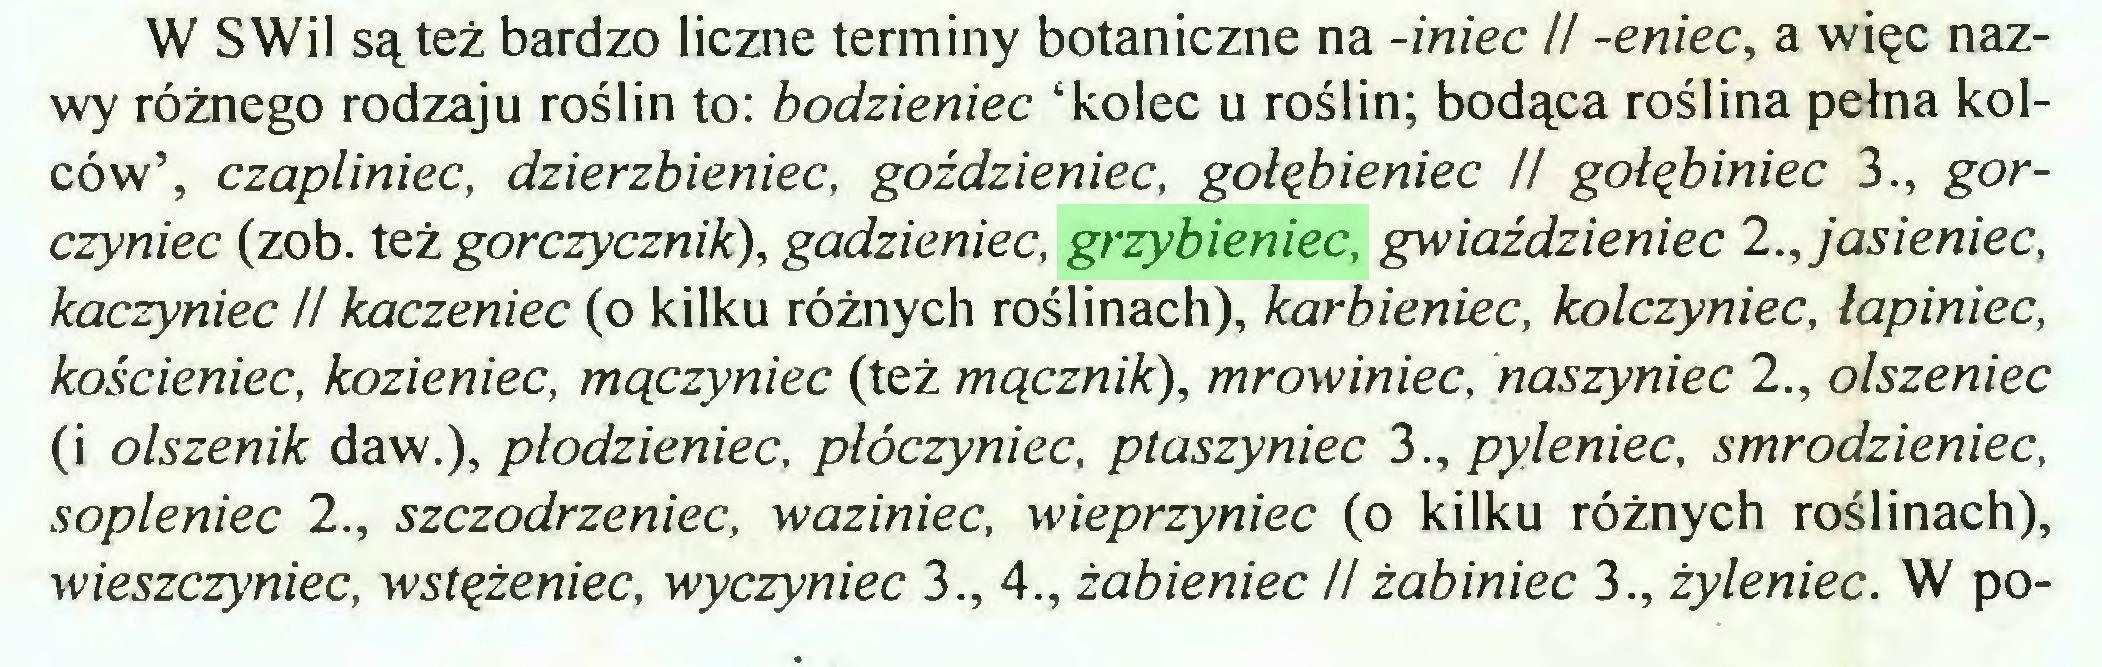 (...) W SWil są też bardzo liczne terminy botaniczne na -iniec U -eniec, a więc nazwy różnego rodzaju roślin to: bodzieniec 'kolec u roślin; bodąca roślina pełna kolców', czapliniec, dzierzbieniec, goździeniec, gołębieniec II gołębiniec 3., gorczyniec (zob. też gorczycznik), gadzieniec, grzybieniec, gwiaździeniec 2., jasieniec, kaczyniec II kaczeniec (o kilku różnych roślinach), karbieniec, kolczyniec, łapiniec, kościeniec, kozieniec, mączyniec (też mącznik), mrowiniec, naszyniec 2., olszeniec (i olszenik daw.), płodzieniec, płóczyniec, ptaszyniec 3., pylenieć, smrodzieniec, sopleniec 2., szczodrżeniec, waziniec, wieprzyniec (o kilku różnych roślinach), wieszczyniec, wstężeniec, wyczyniec 3., 4., żabieniec H żabiniec 3., żyleniec. W po...